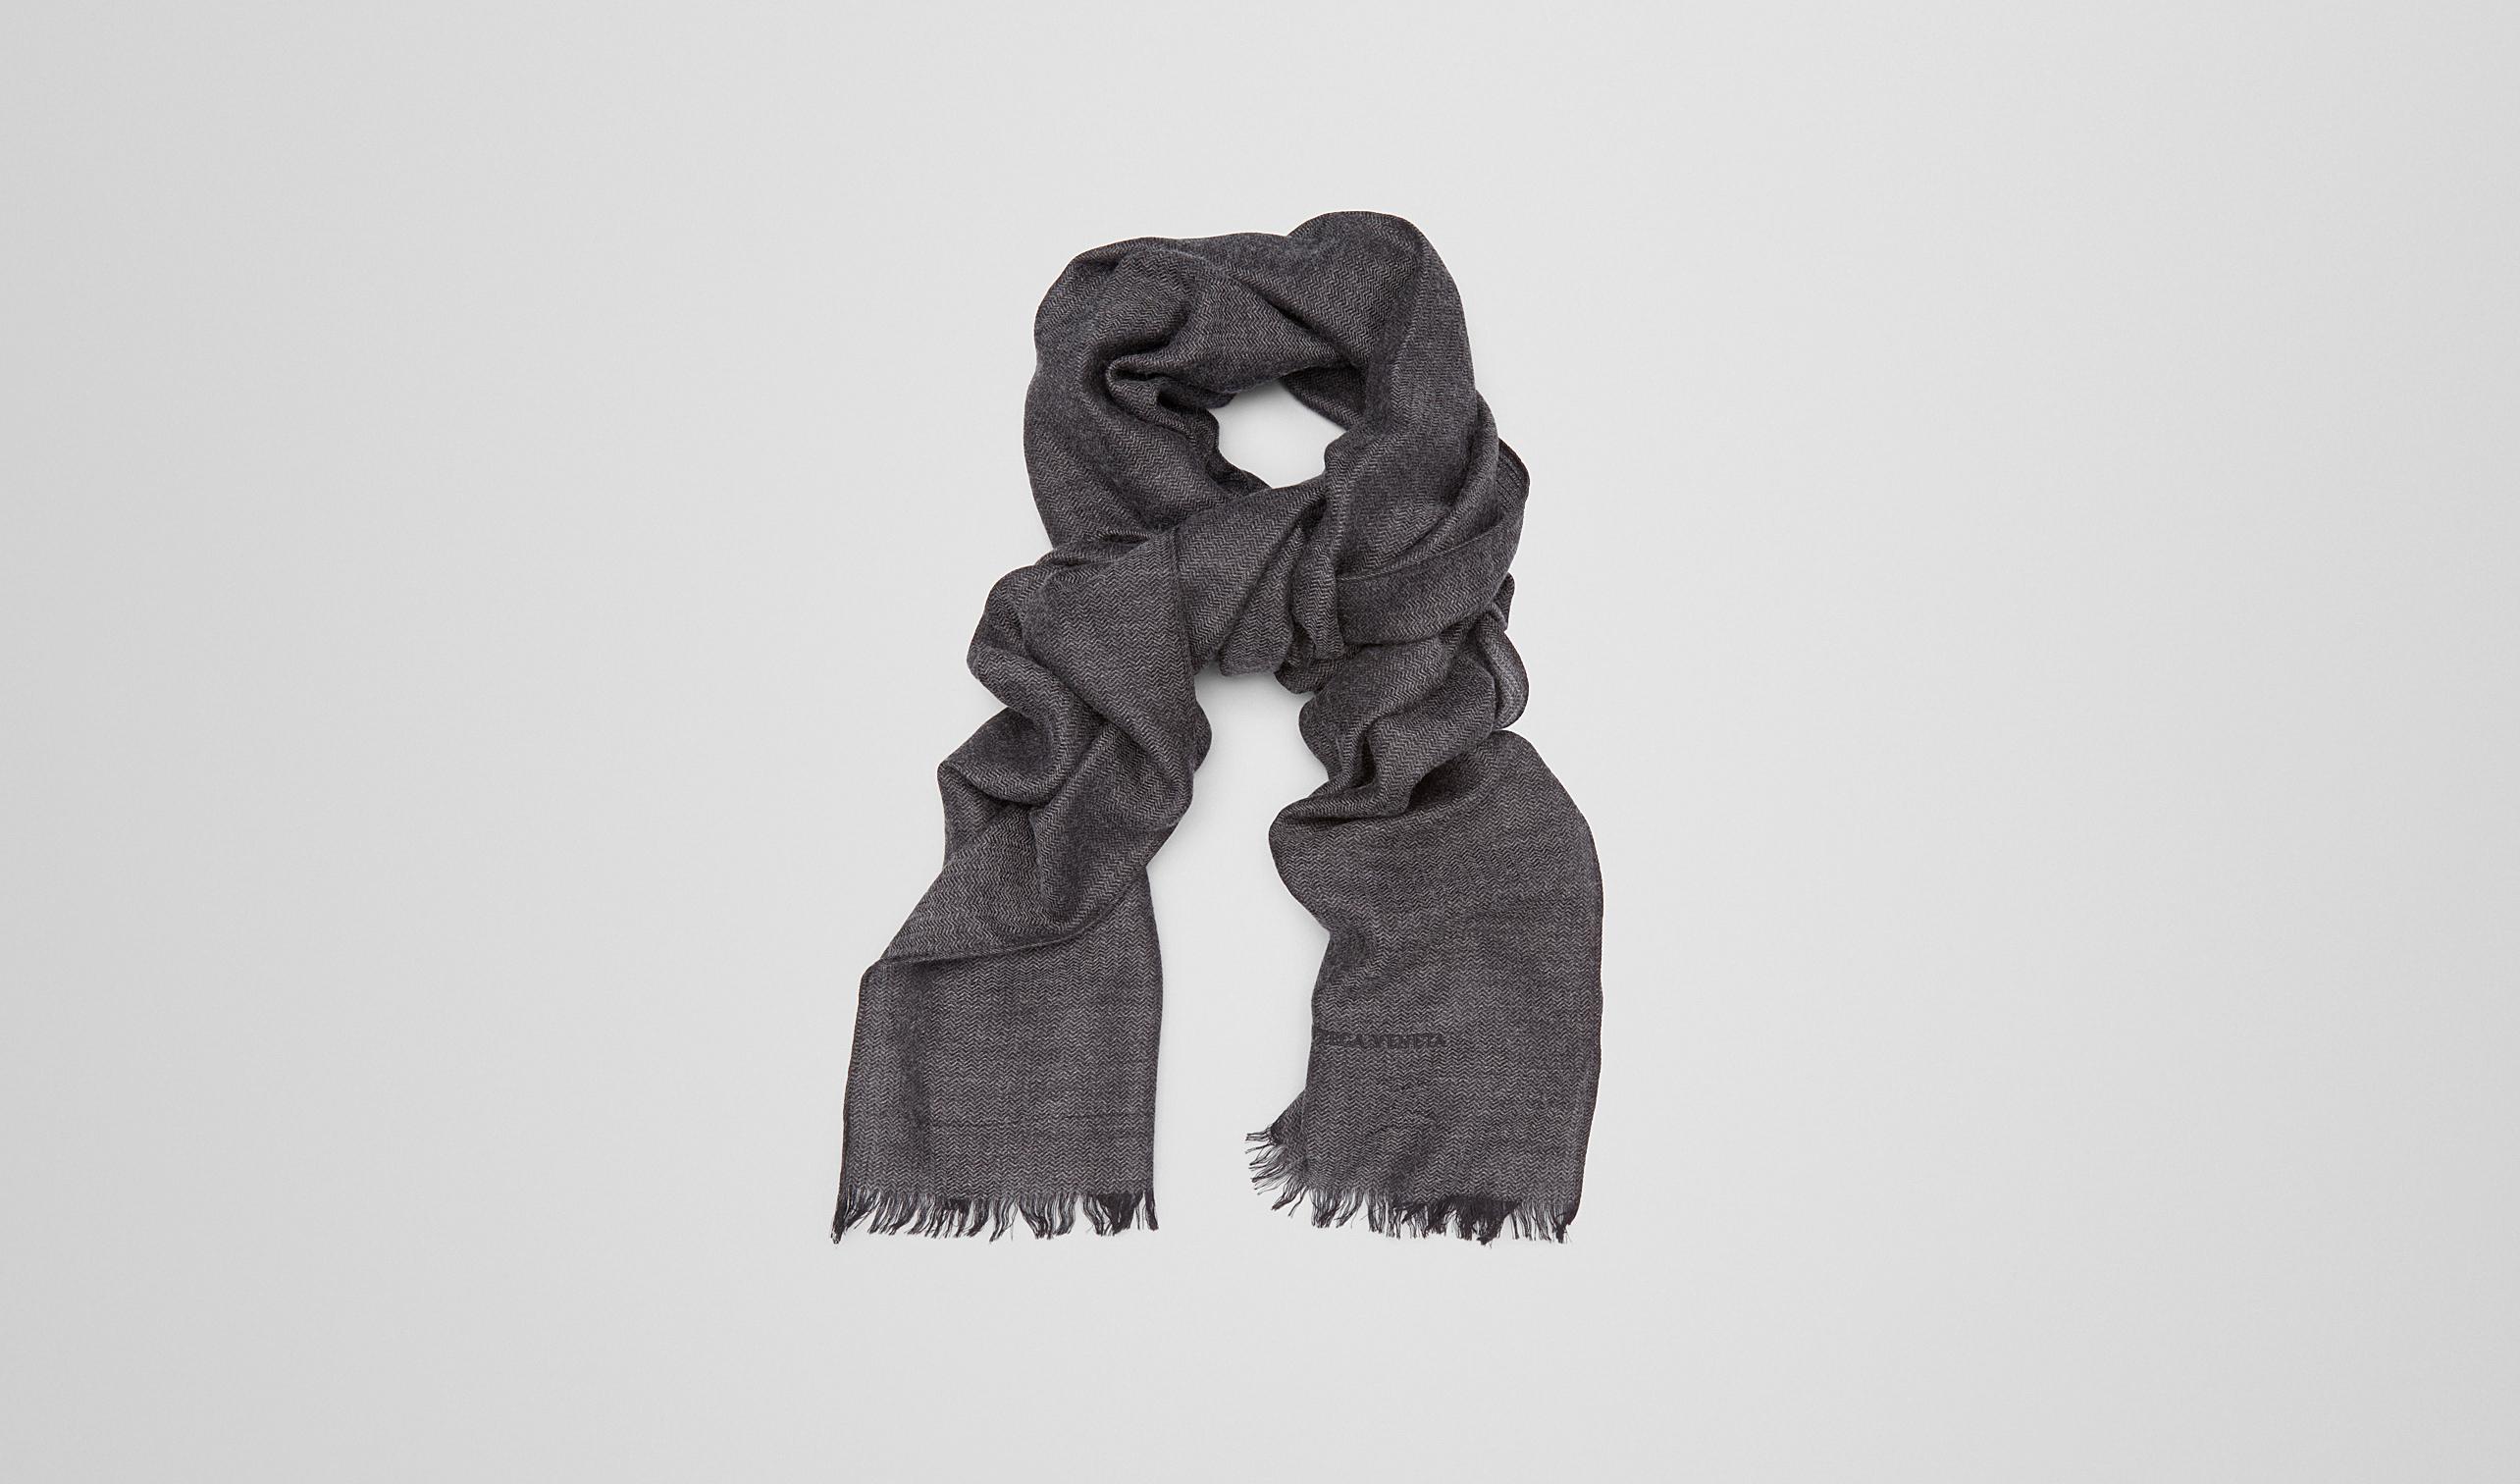 炭黑灰搭配黑色羊绒真丝围巾